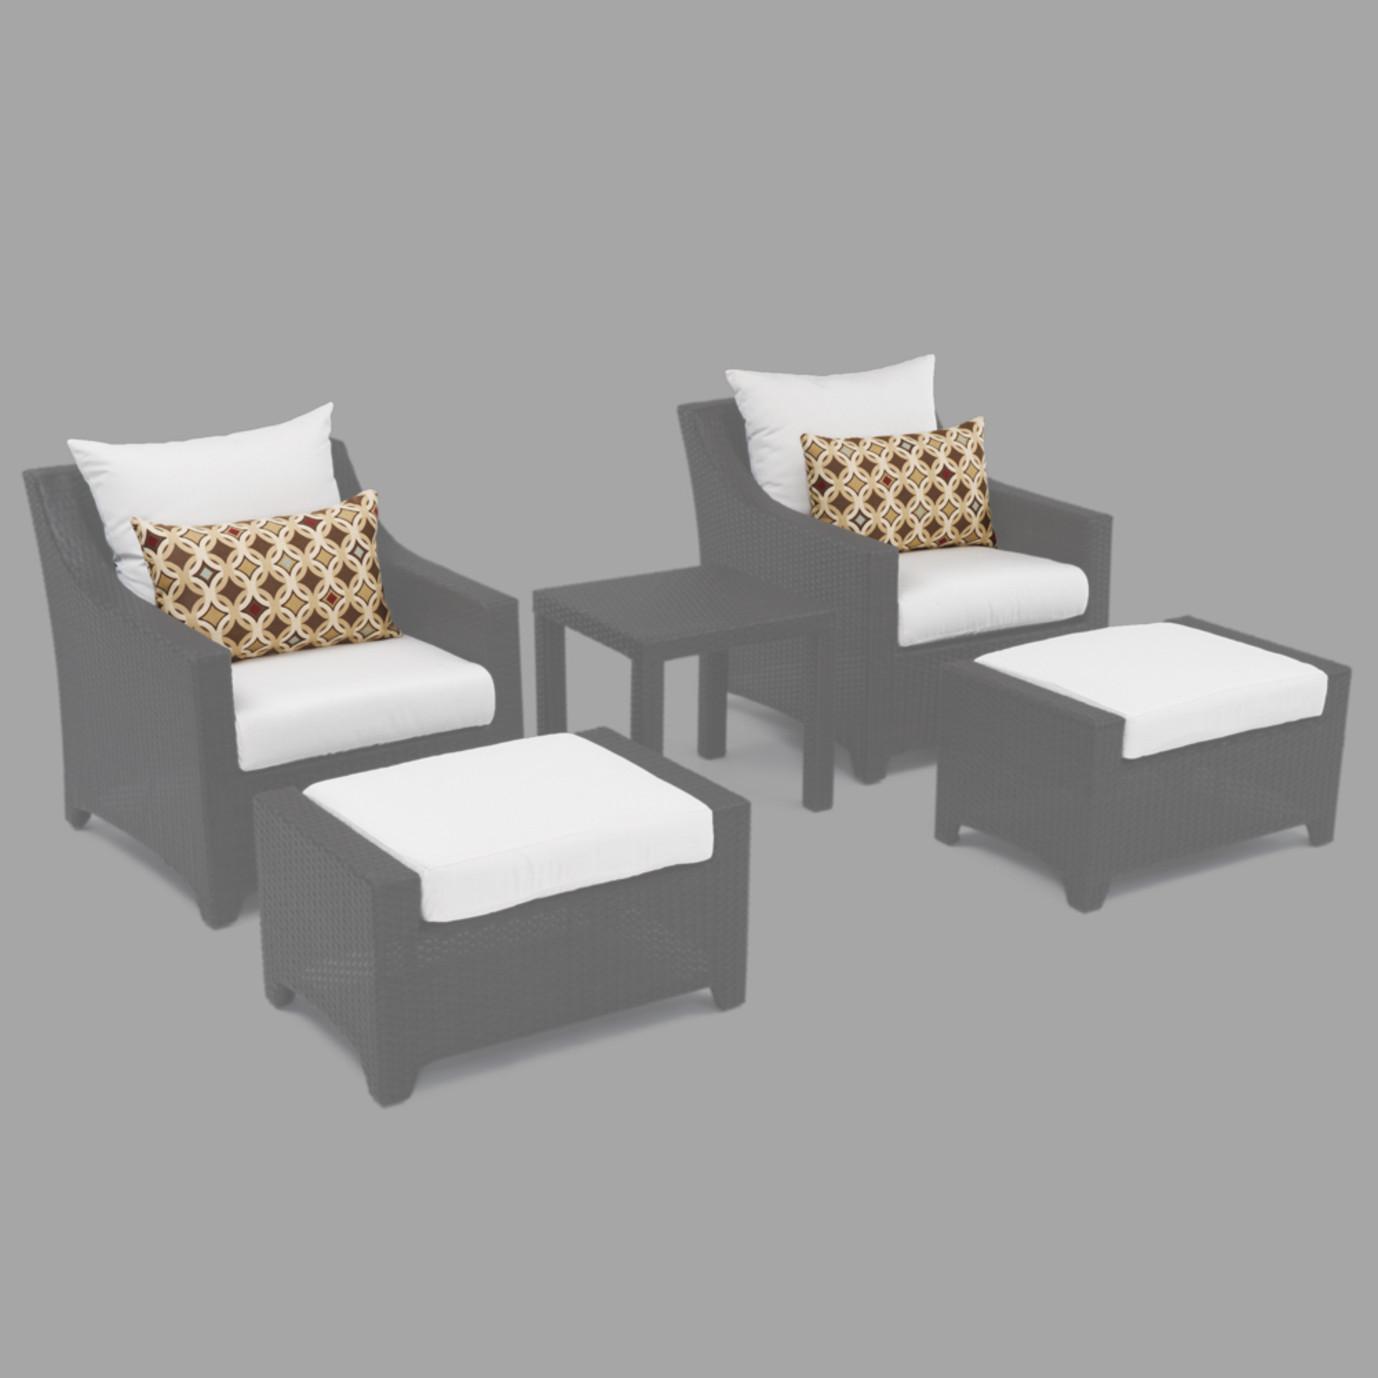 Modular Outdoor 5 Piece Club Cushion Cover Set - Moroccan Cream